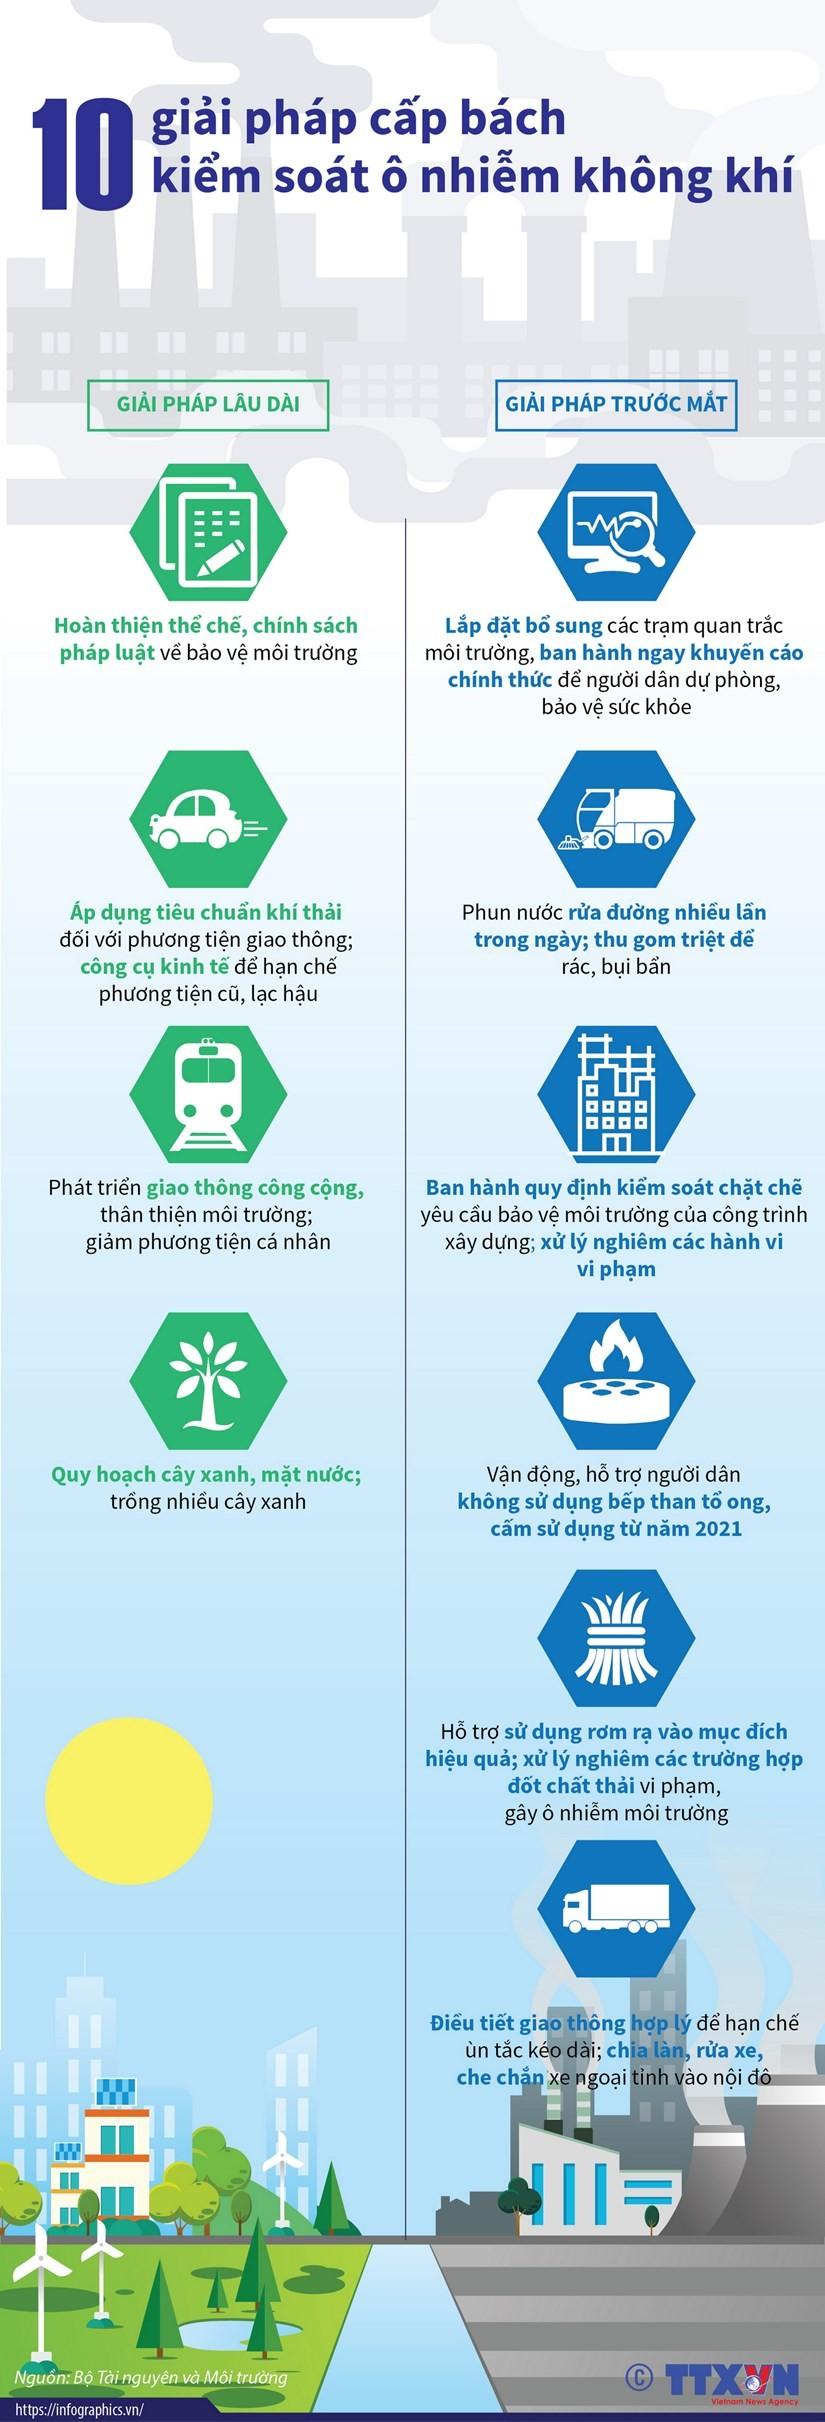 10 giải pháp cấp bách kiểm soát ô nhiễm không khí - ảnh 1